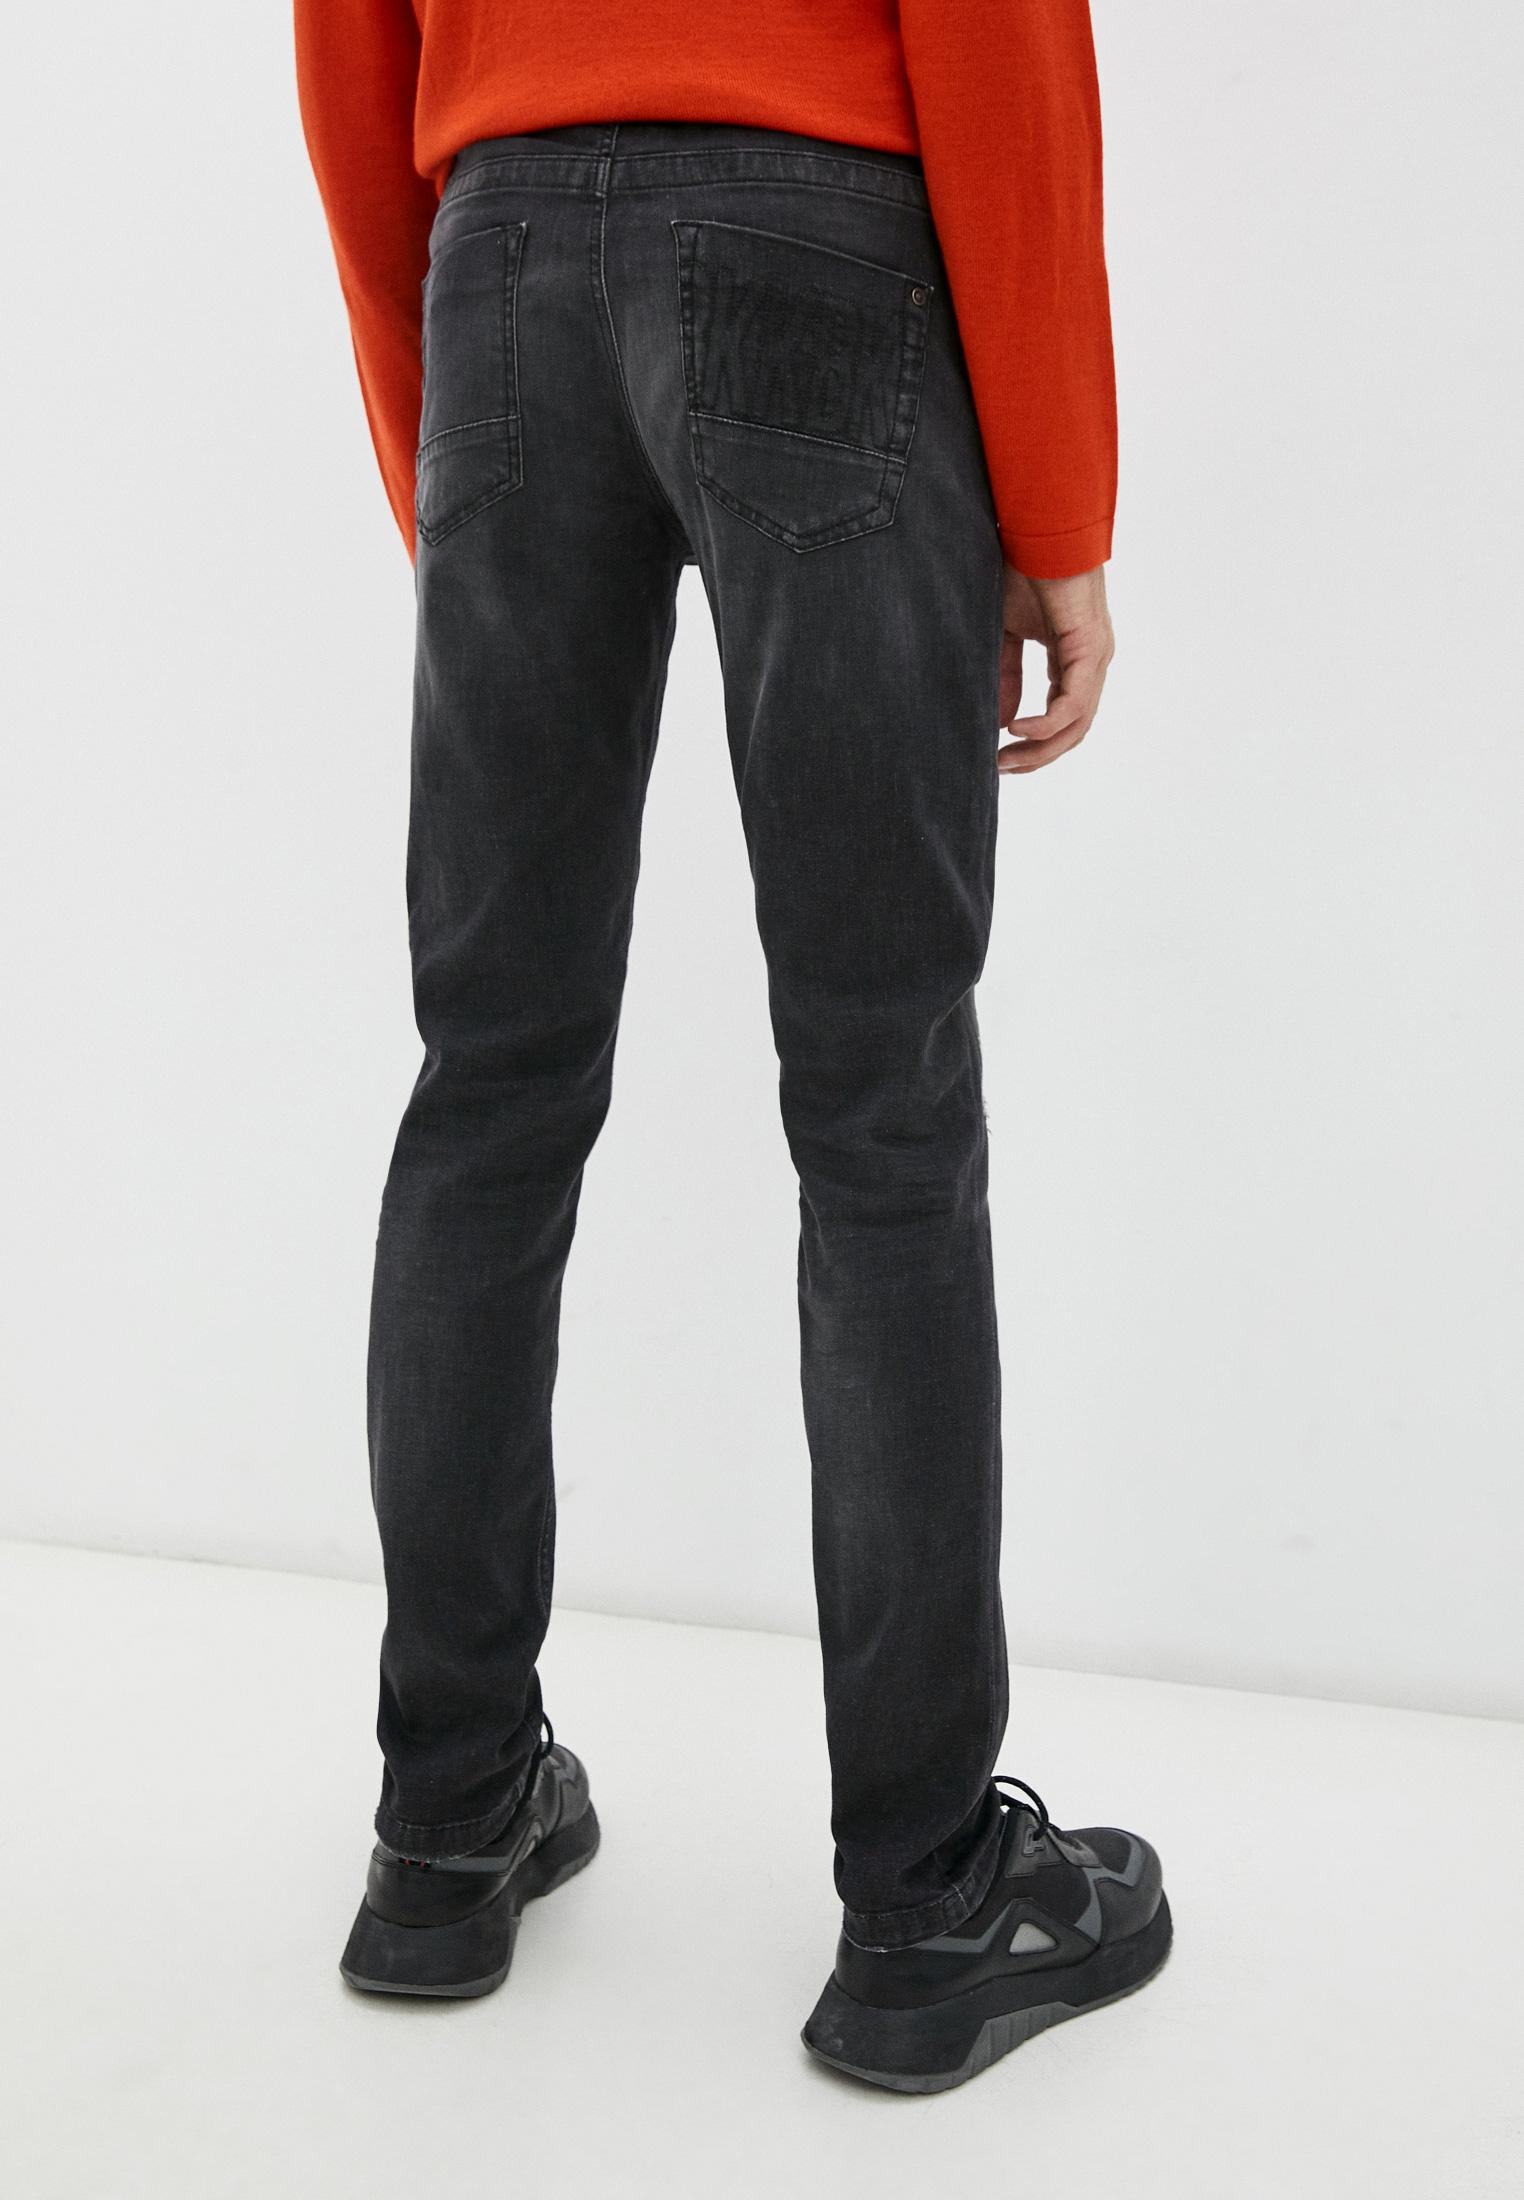 Мужские зауженные джинсы Bikkembergs (Биккембергс) C Q 101 17 S 3446: изображение 4